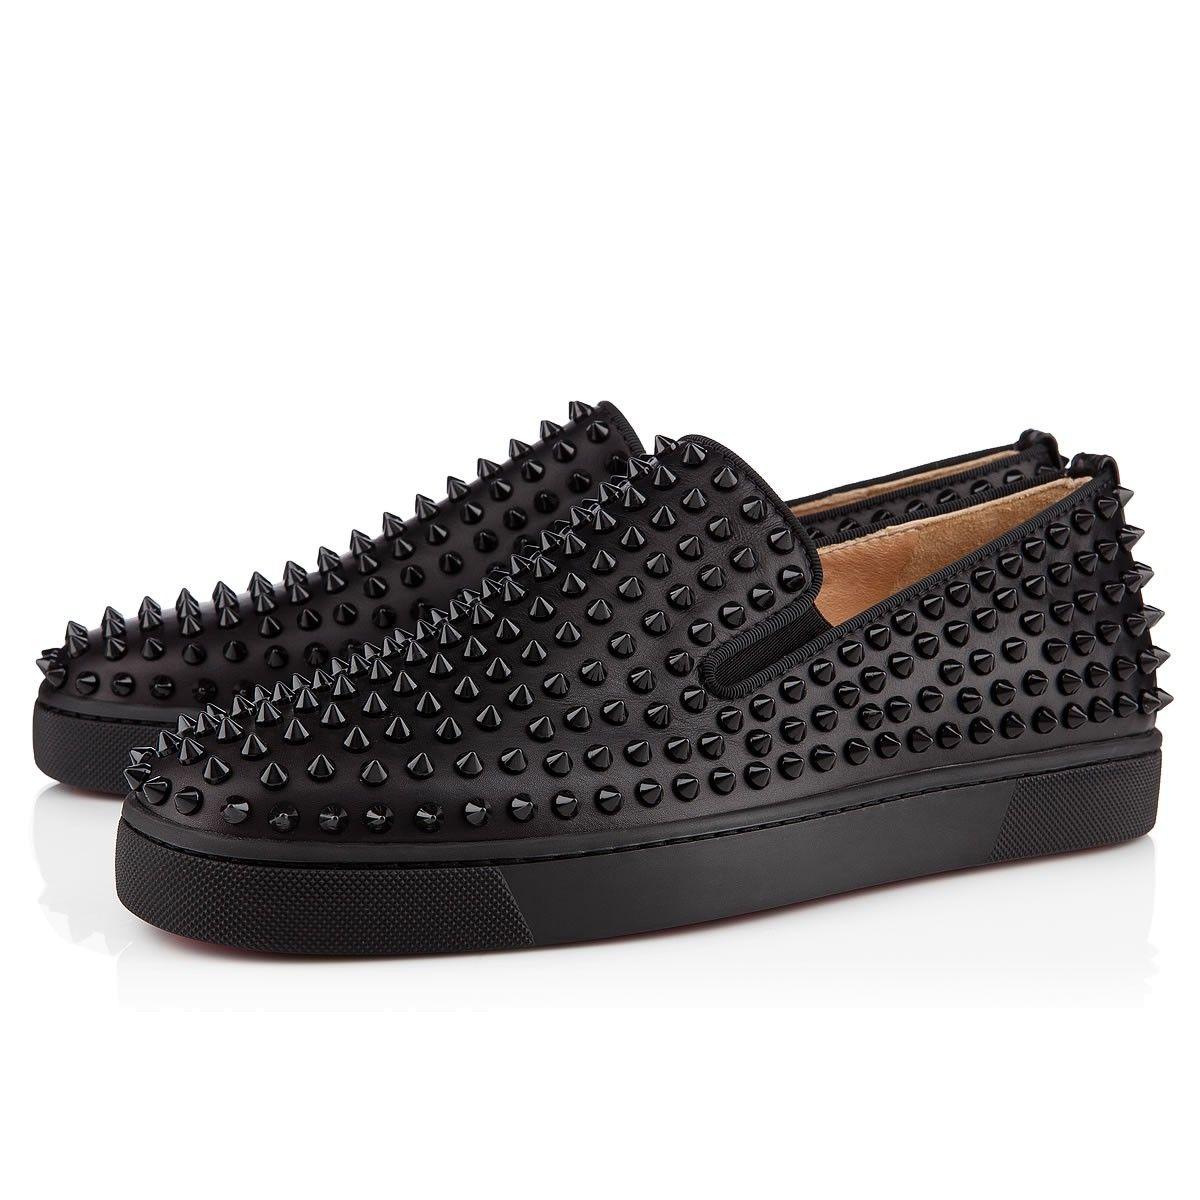 Christian Louboutin Zapato de barco Chica